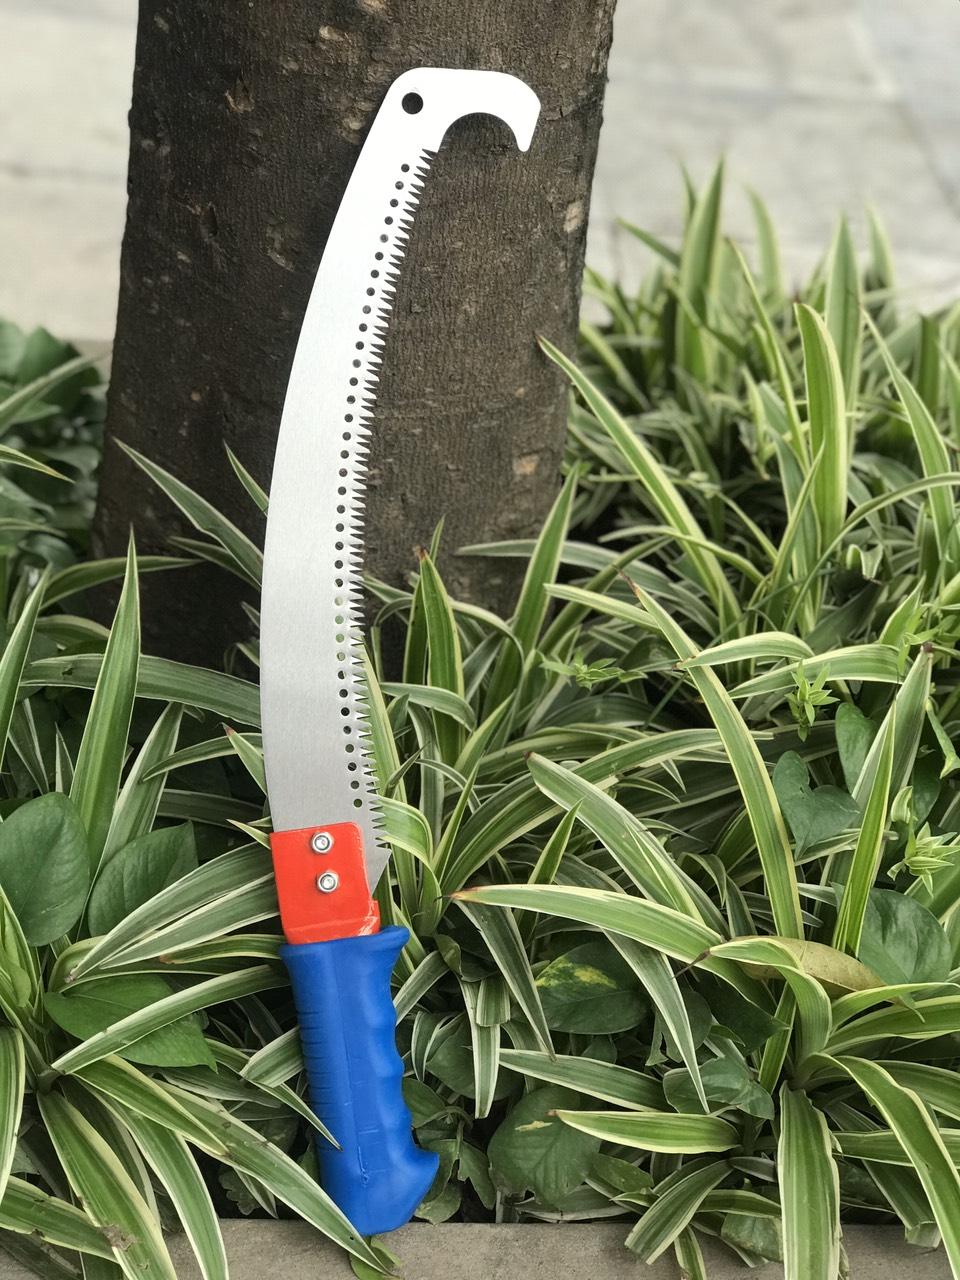 Cưa cành cây lưỡi móc 350mm chính hãng C-MART A0093